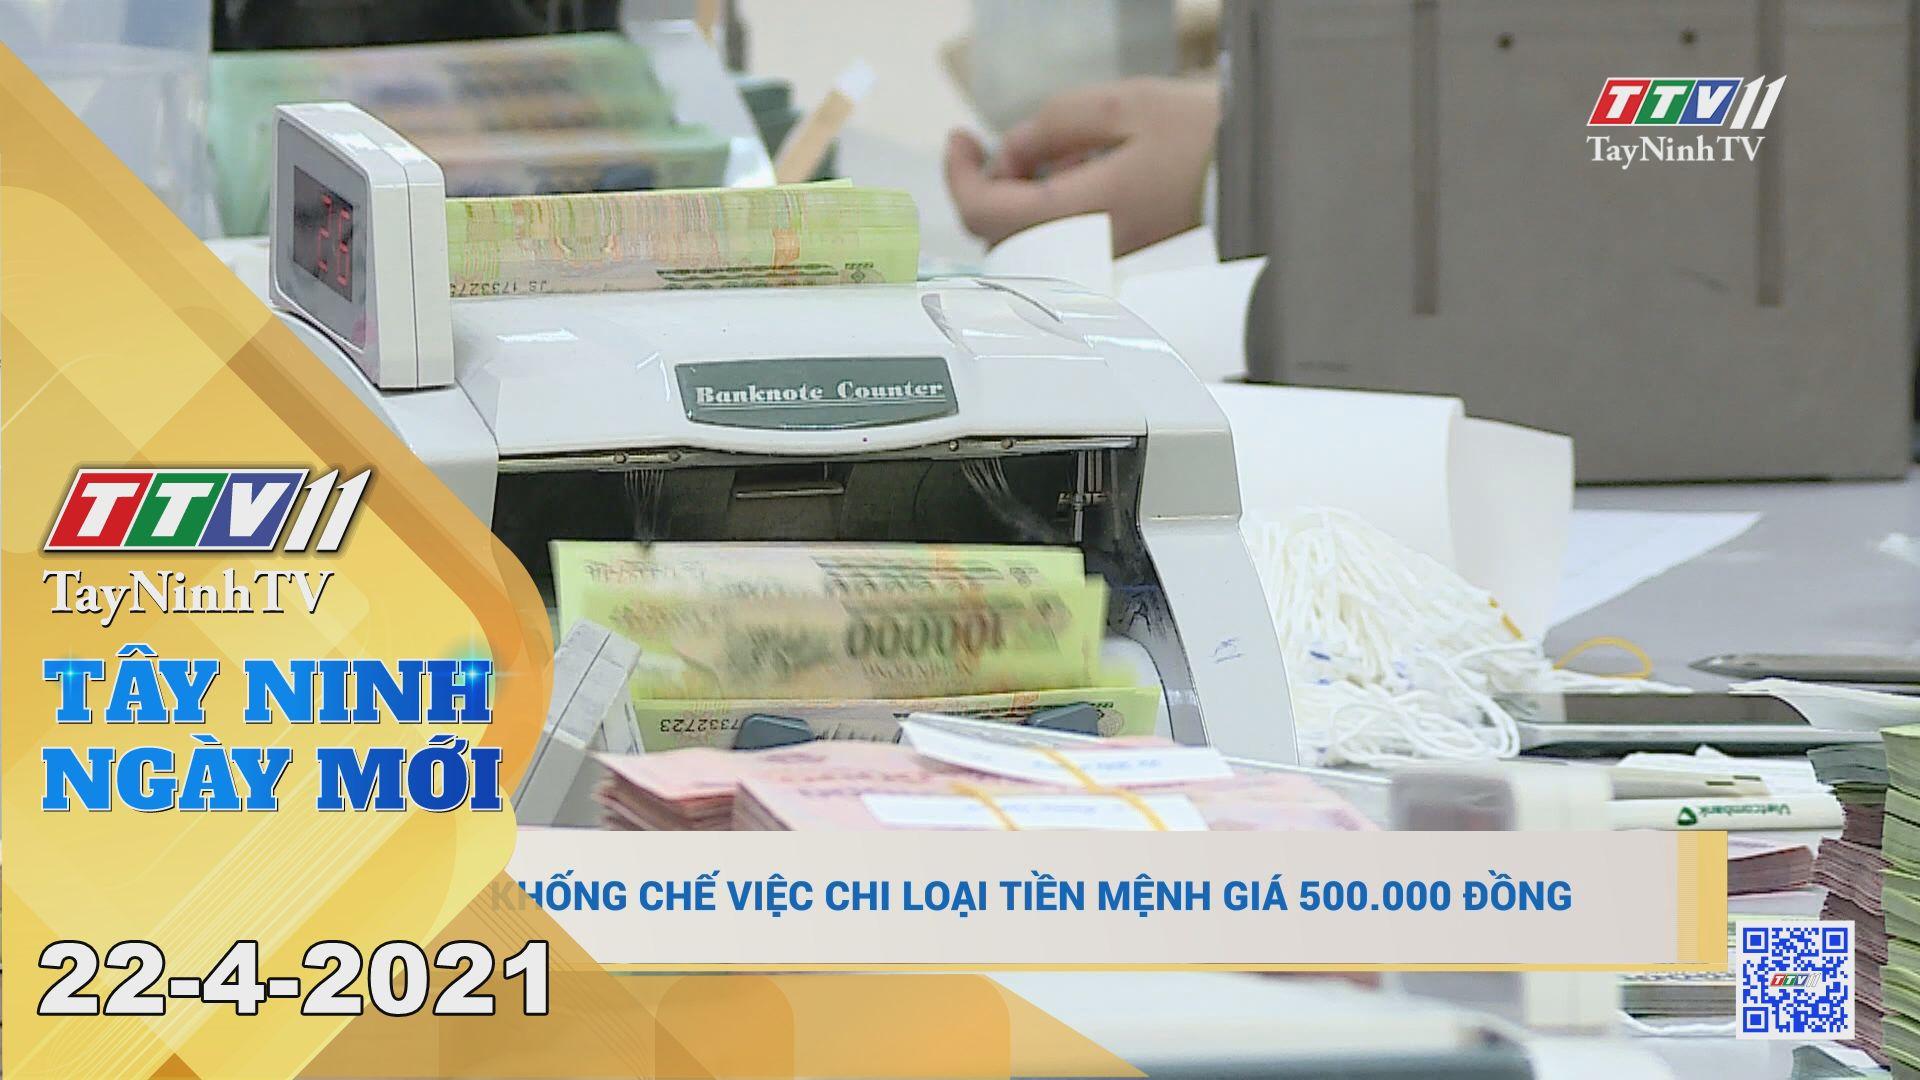 Tây Ninh Ngày Mới 22-4-2021 | Tin tức hôm nay | TayNinhTV